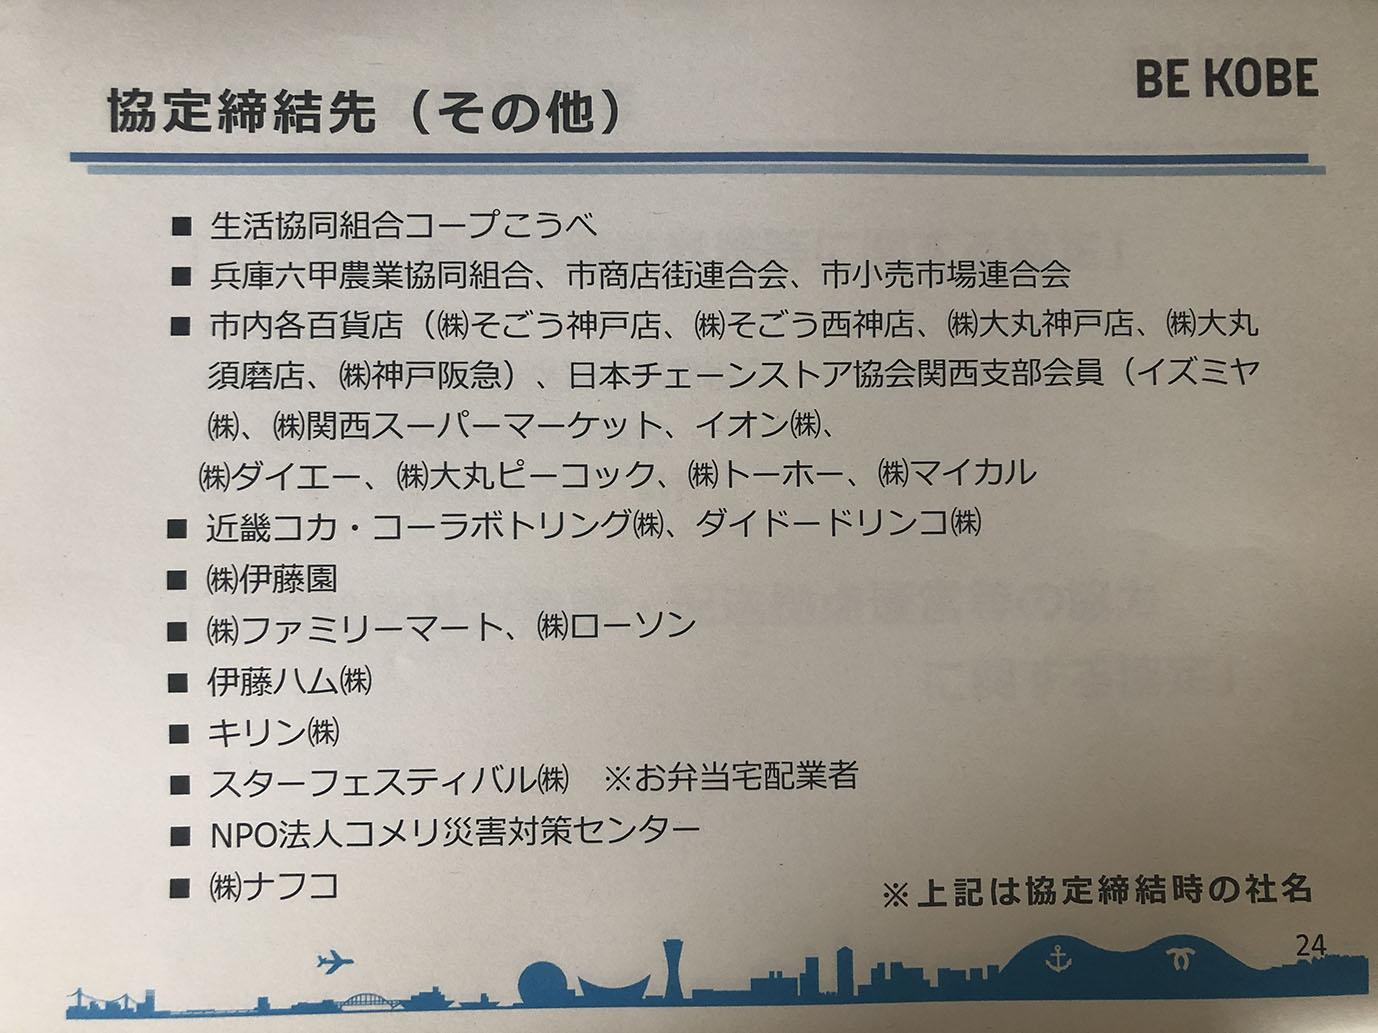 神戸の流通備蓄提携先一覧